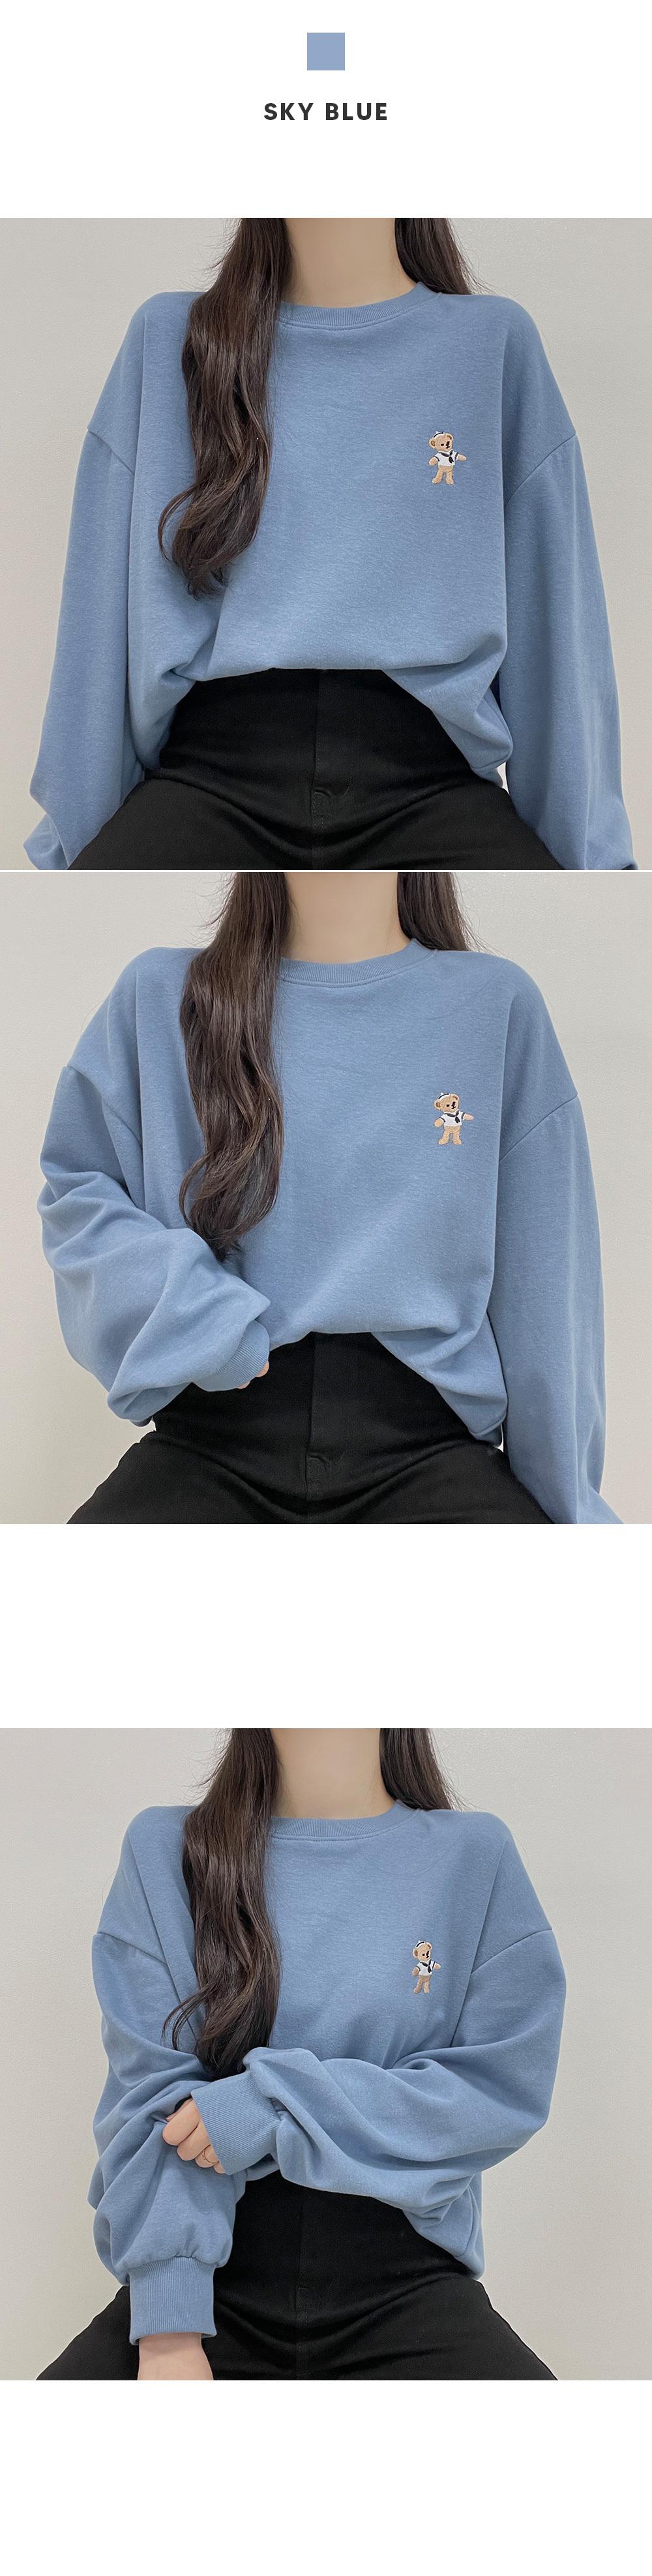 Teddy bear embroidered round Sweatshirt